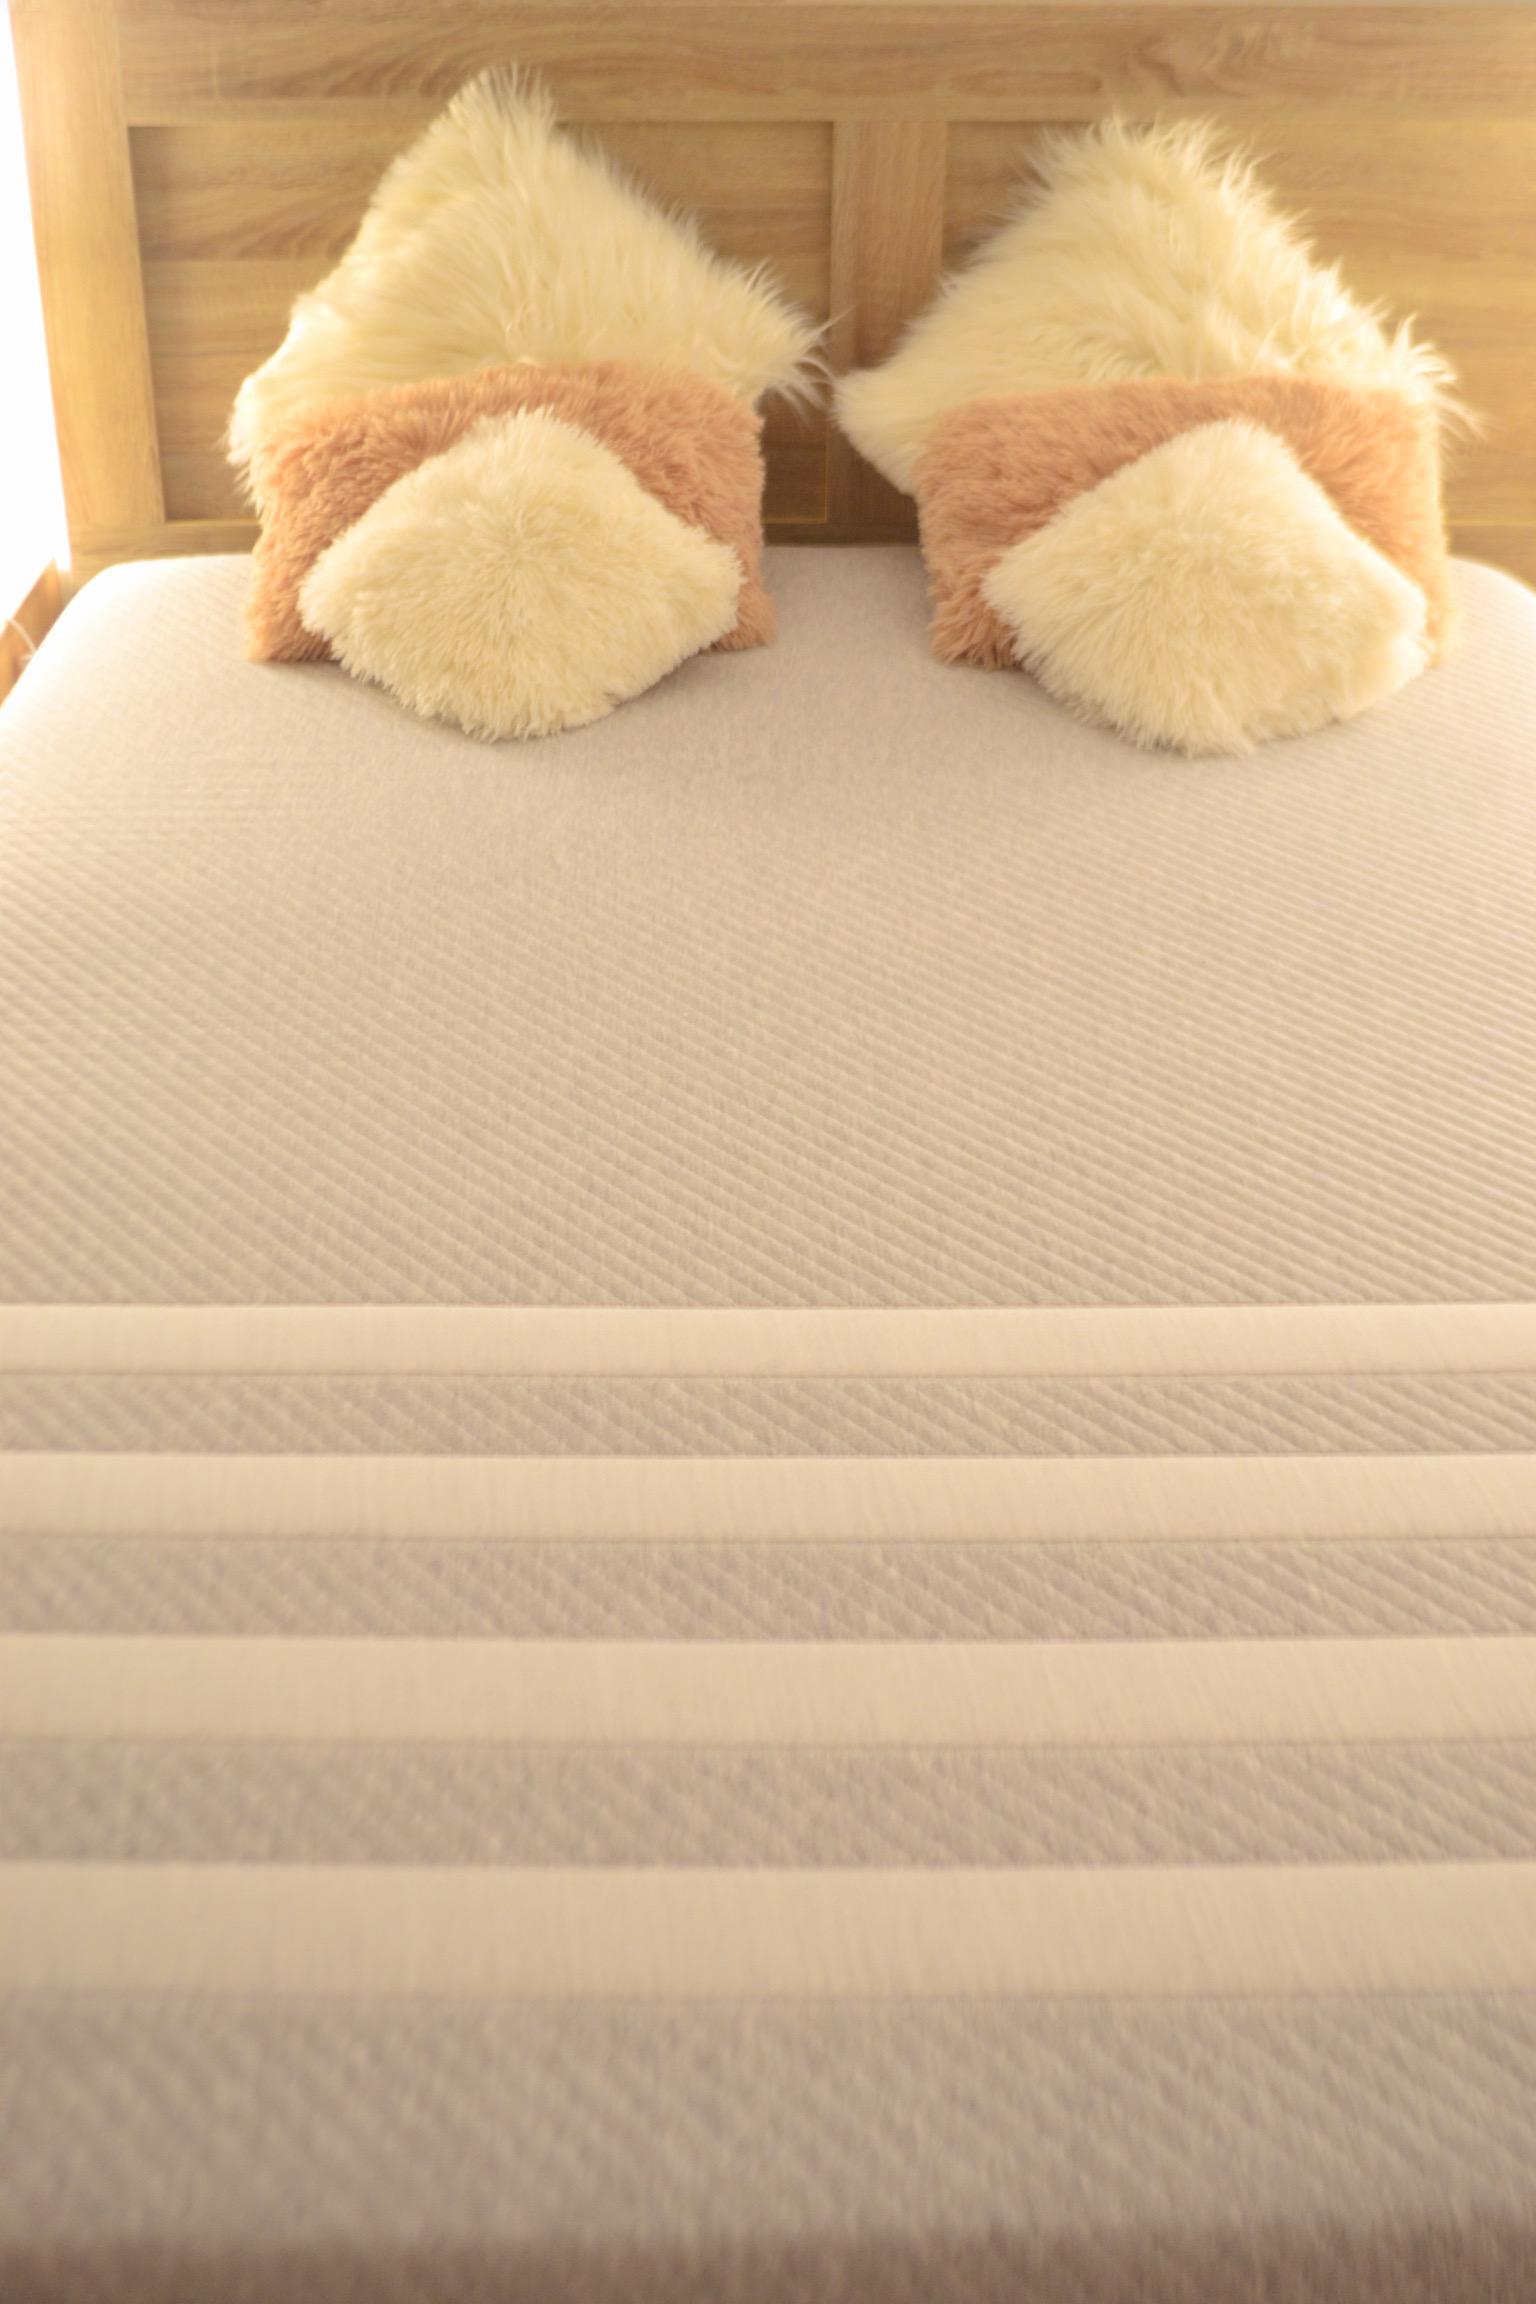 leesa-mattress-full-length